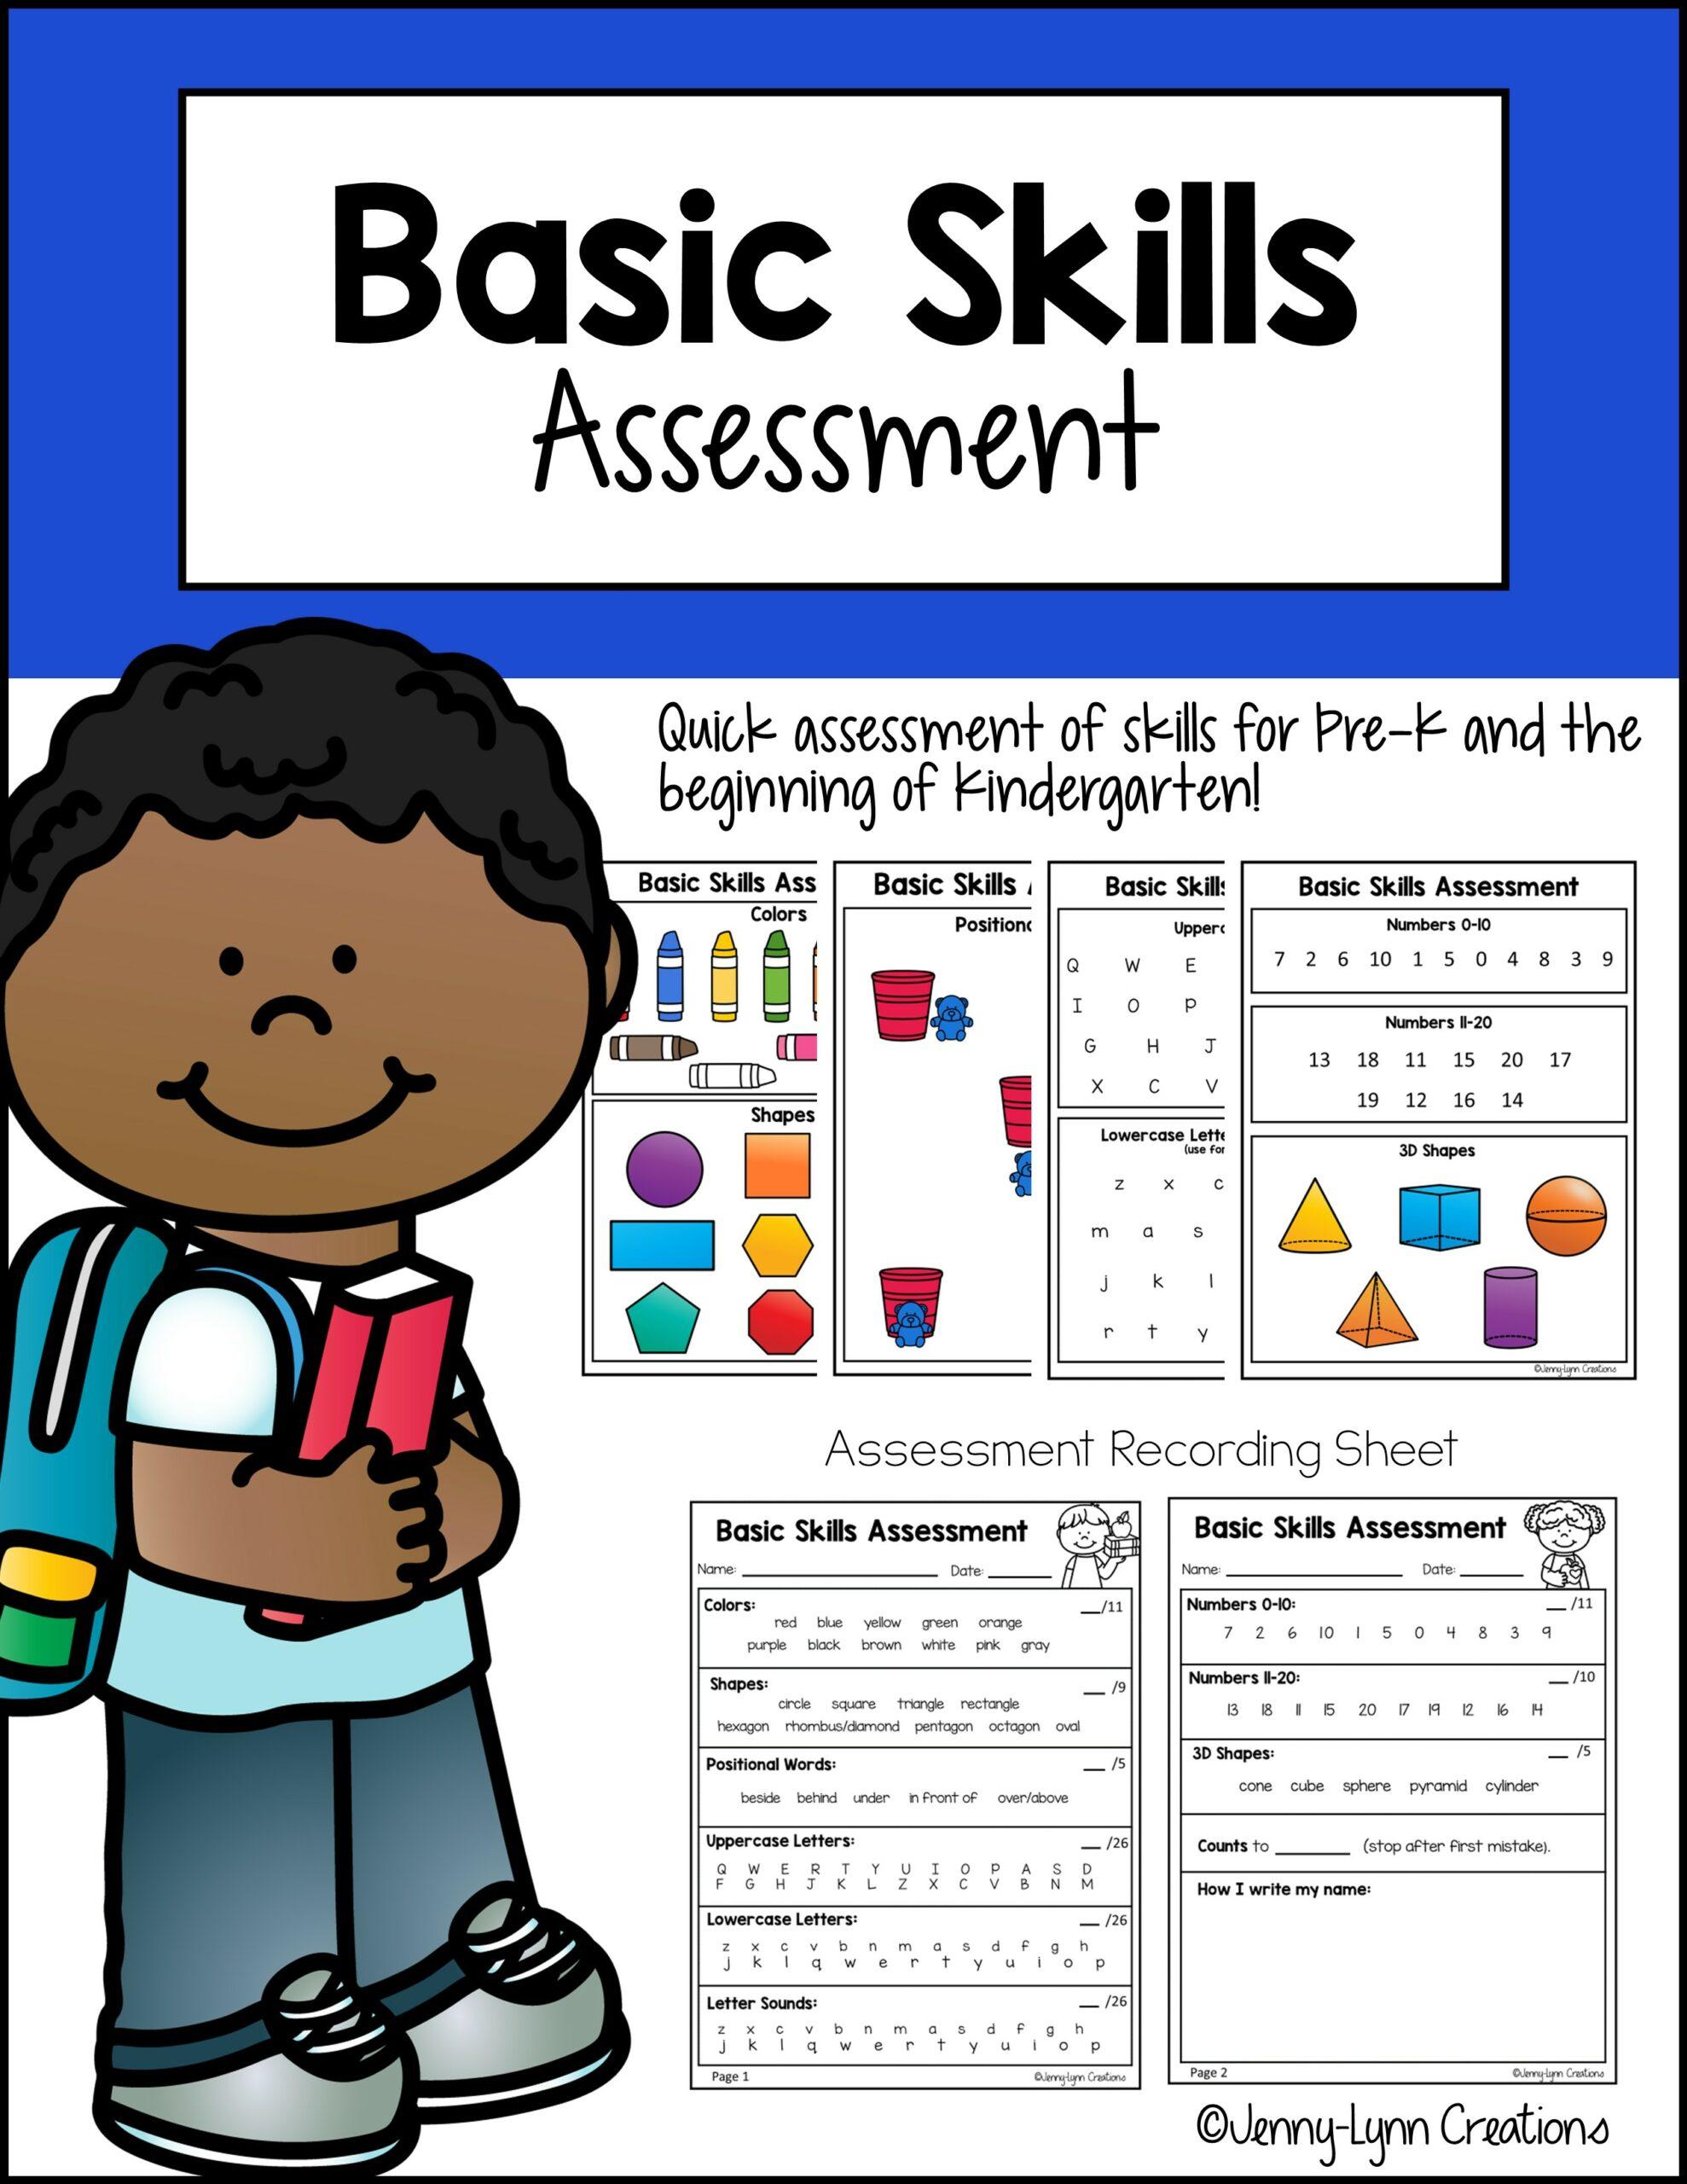 Basic Skills Assessment